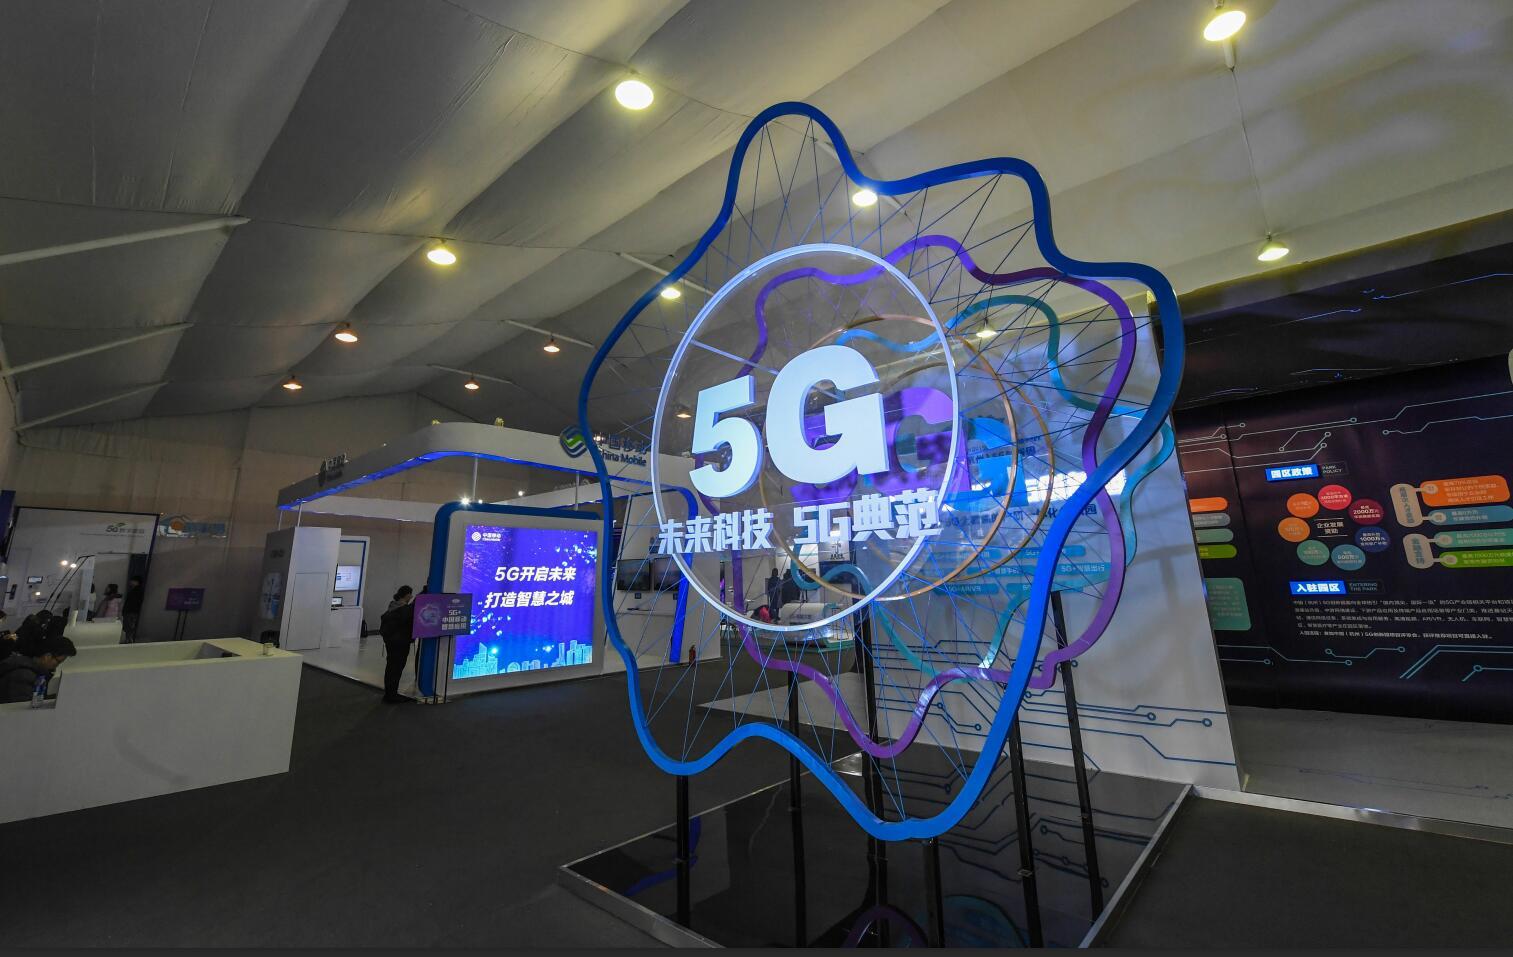 5G有多快?下载2.8G电影最快只要1秒